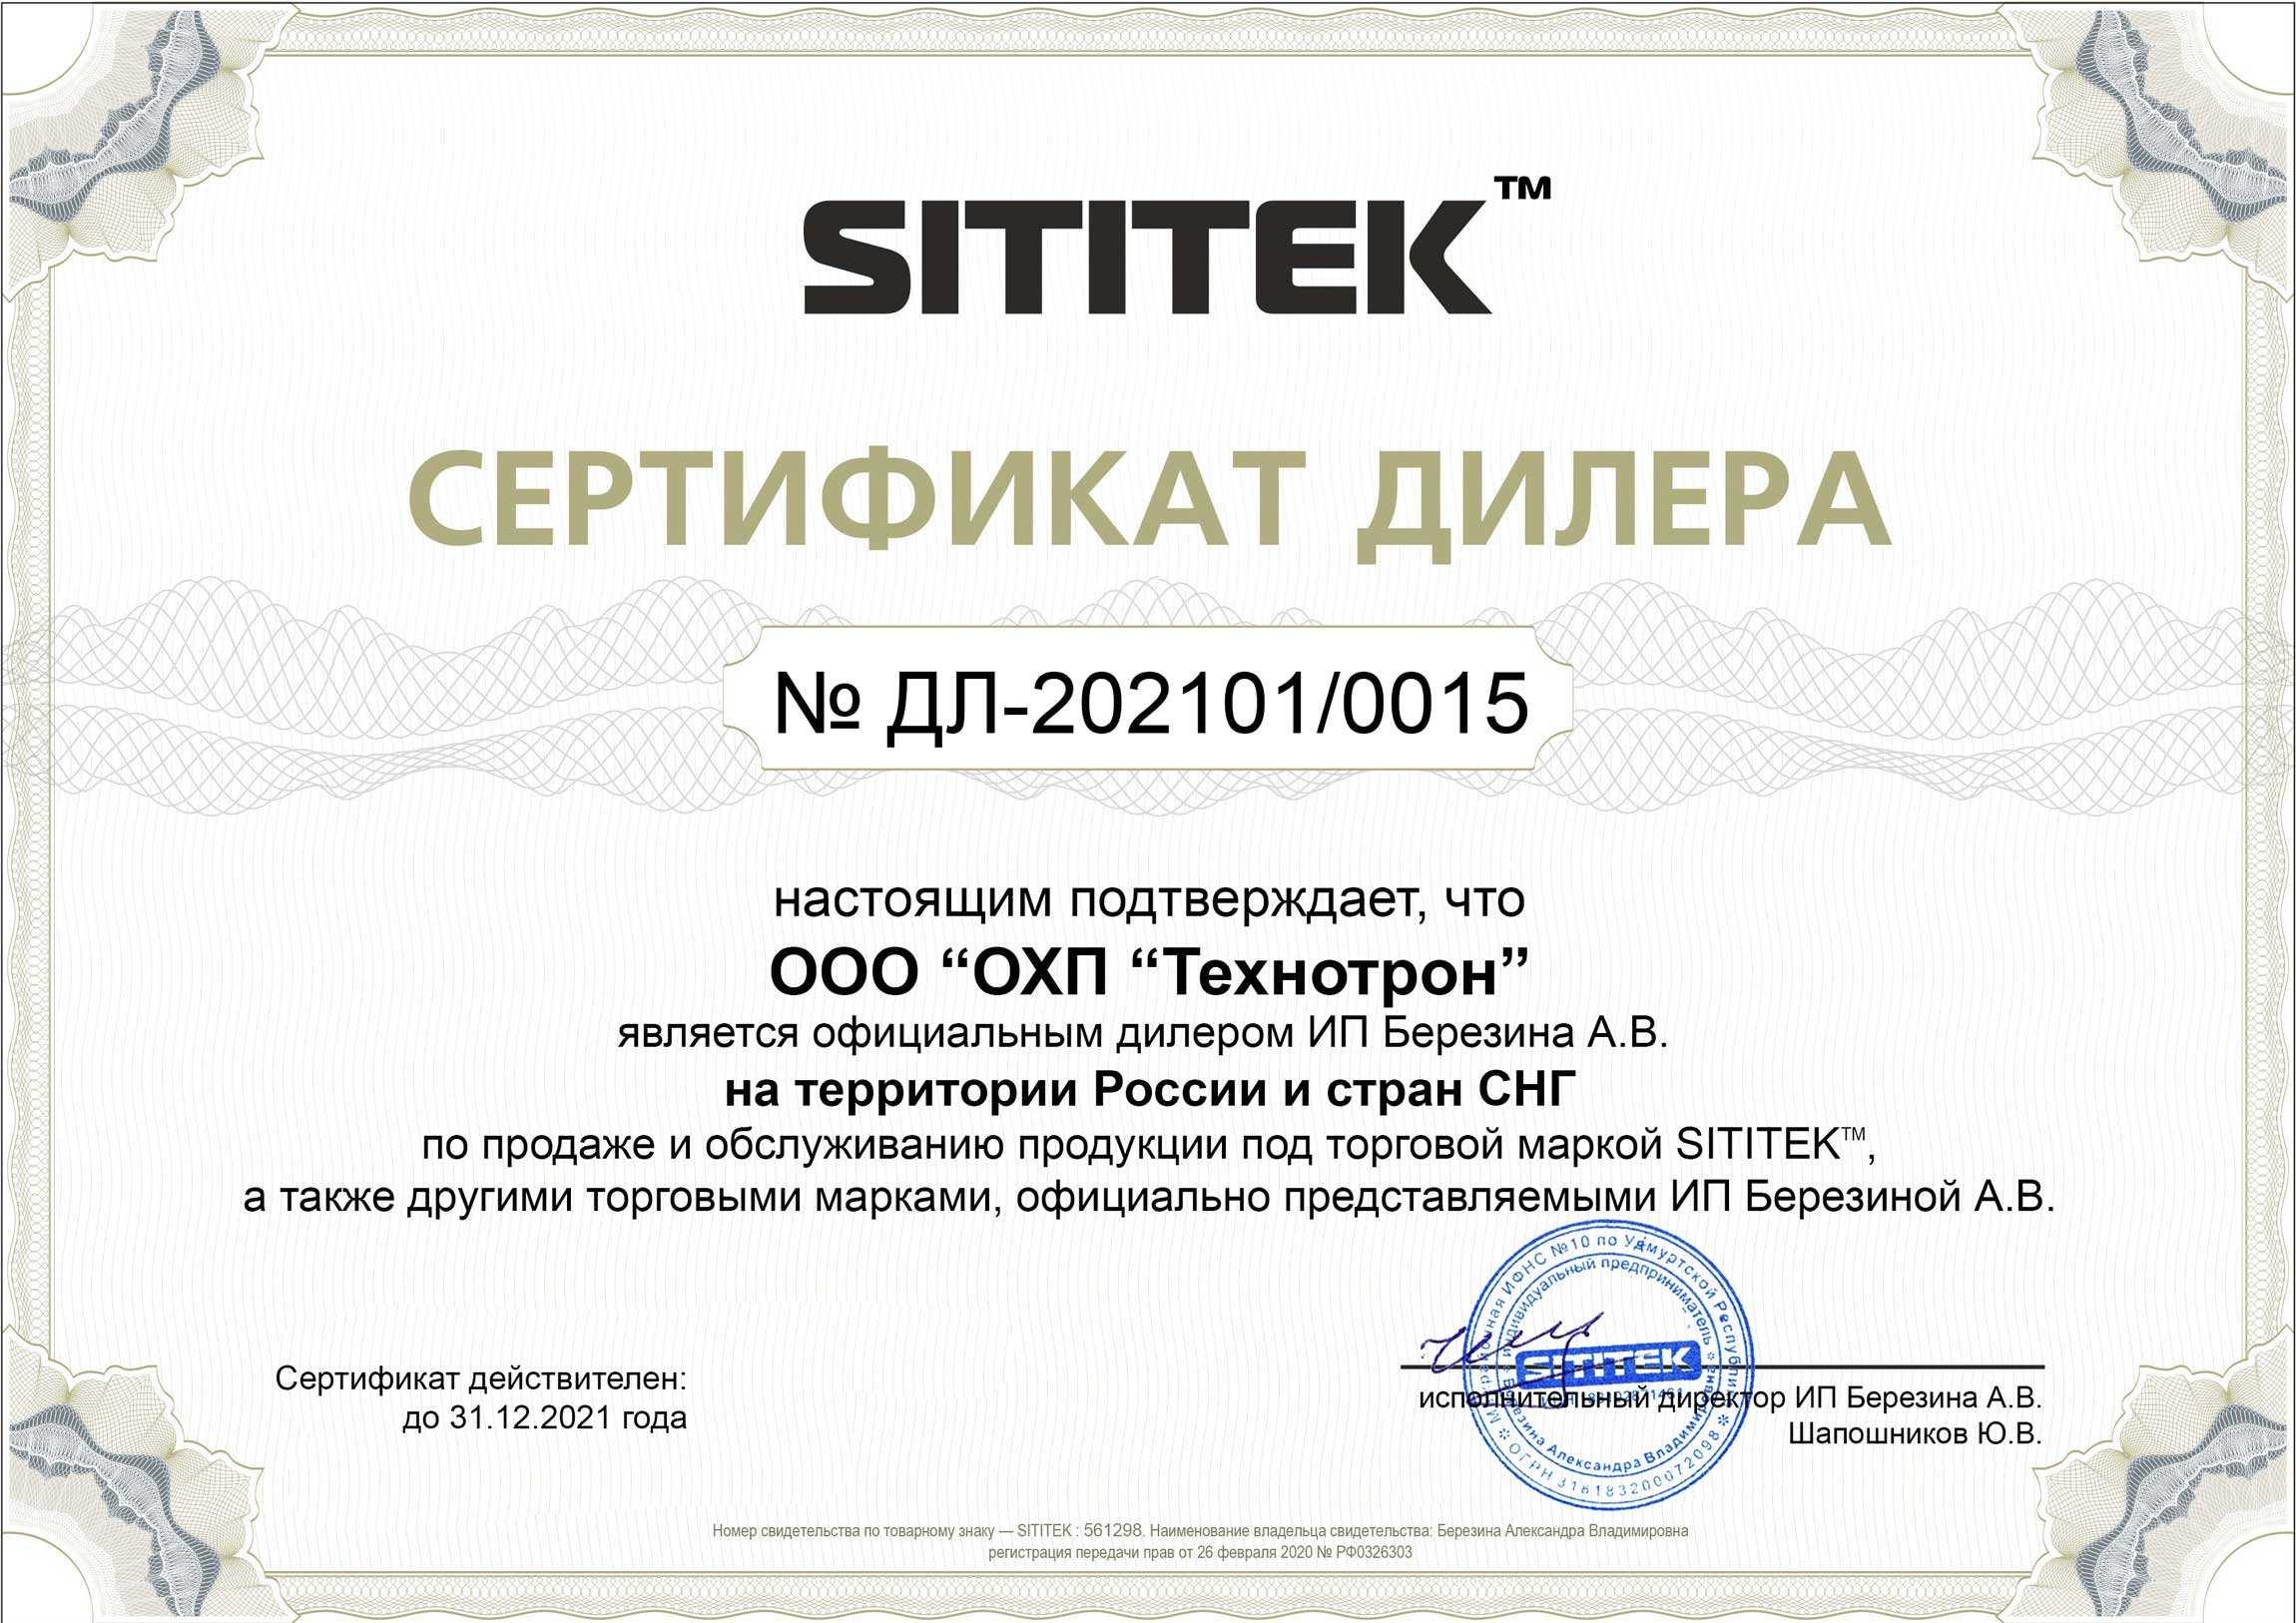 Сертификат официального дилера, предоставляющий нашему интернет-магазину право на продажу и обслуживание товаров под торговой маркой  SITITEK